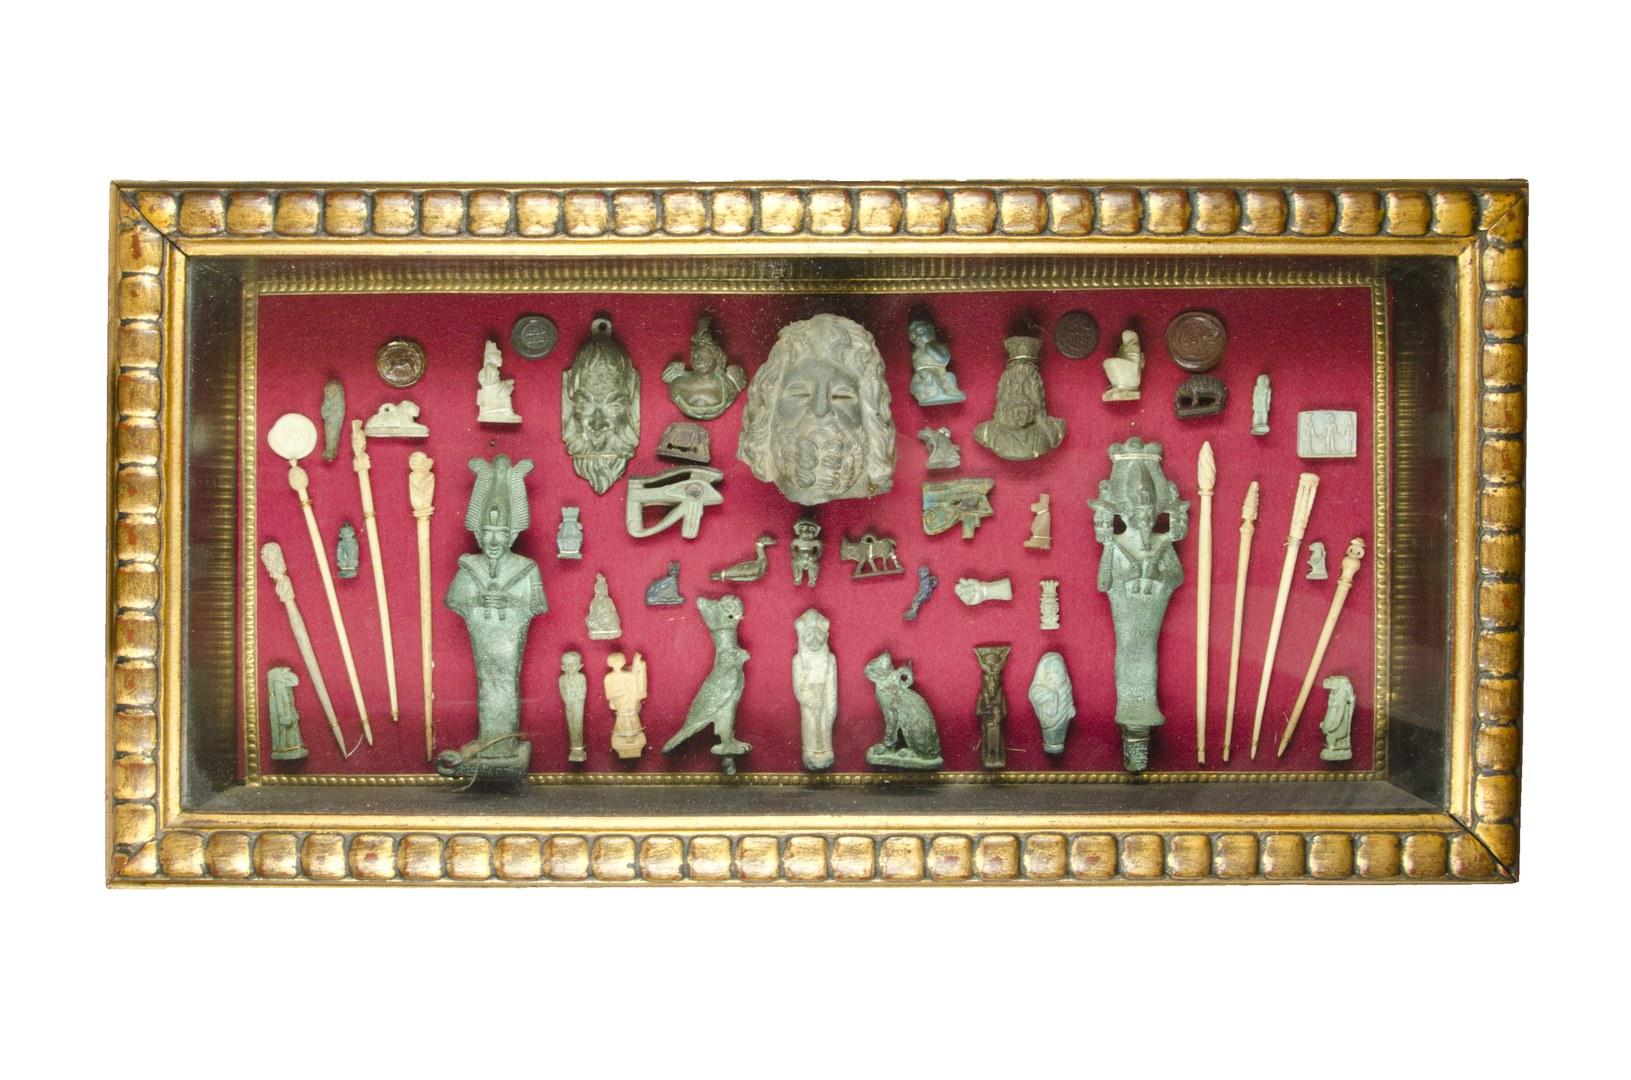 Tableau mit Objekten der Sammlung Gahl-Schoeller